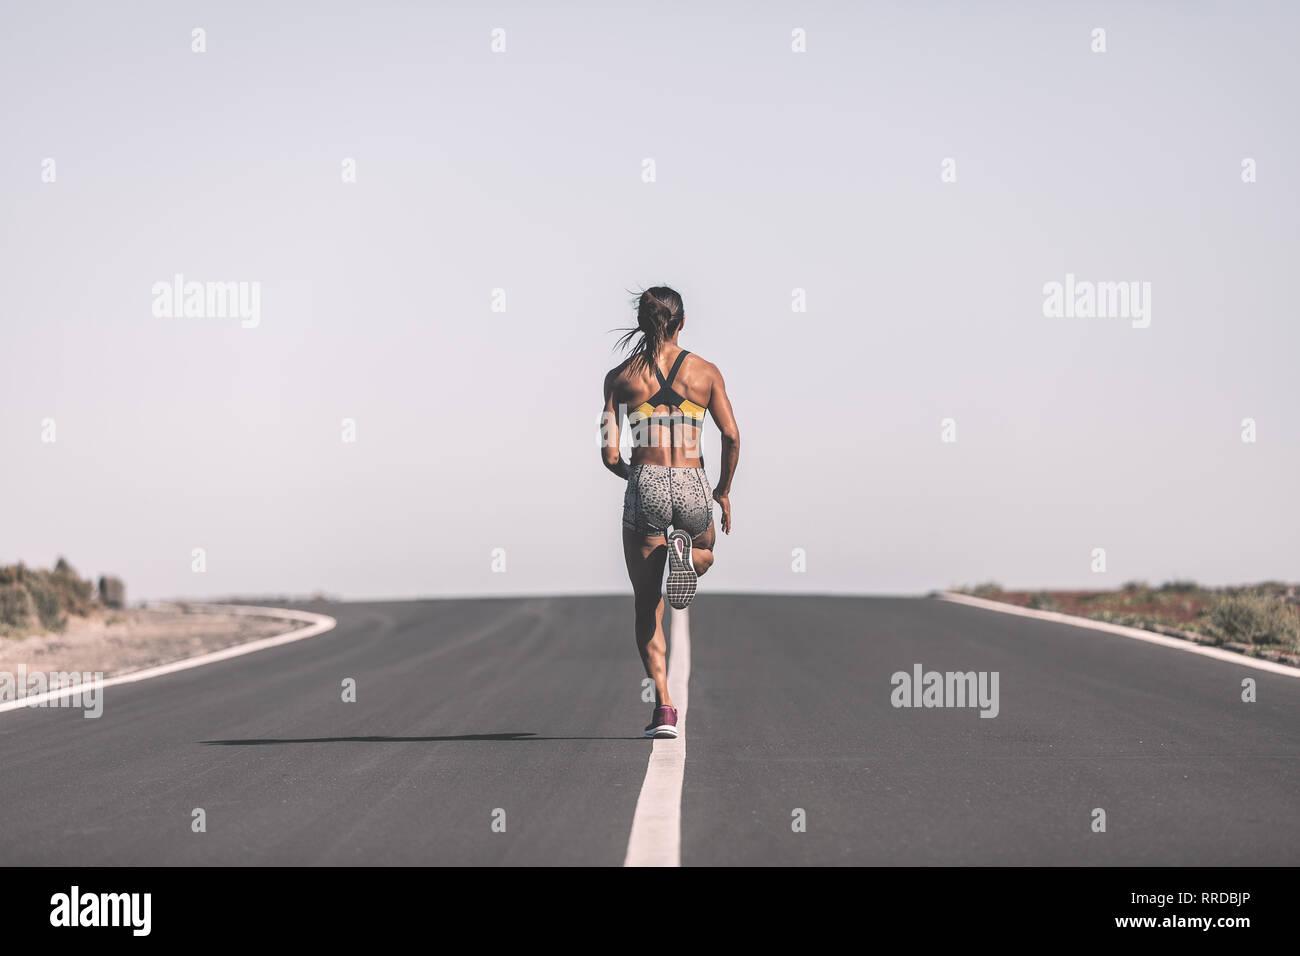 Ethnische Sportlerin auf Wüste Straße Stockbild